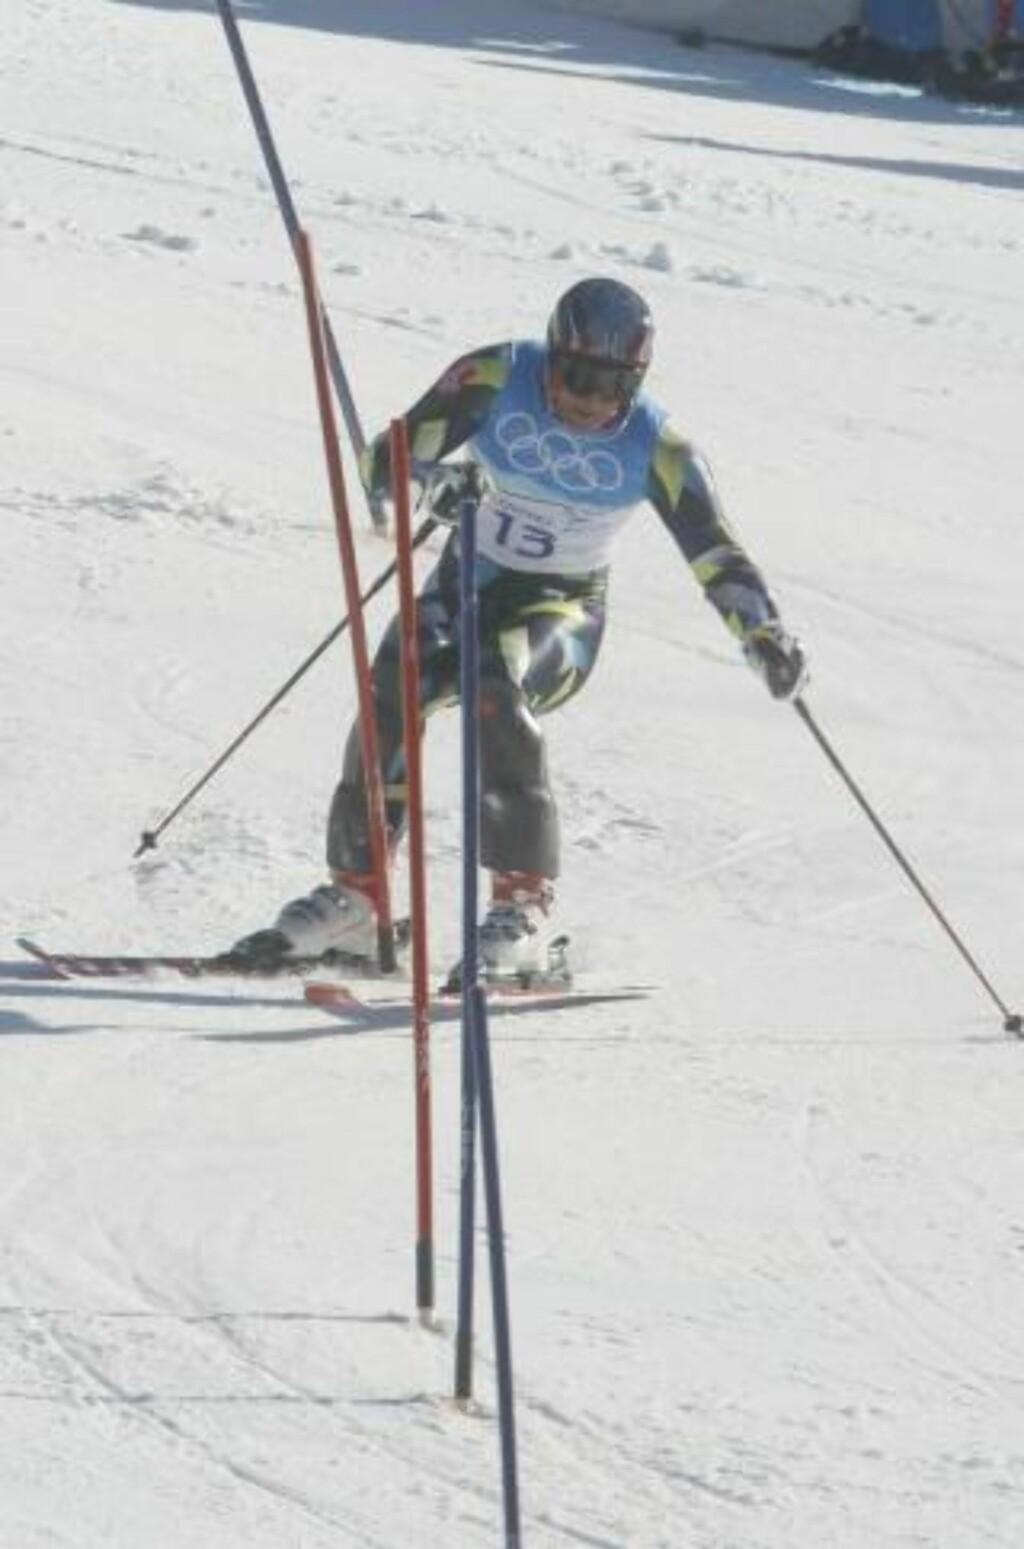 MISSEN: Her får Aksel Lund Svindal skien på feil side av porten midtveis i slalåmen. Foto: Cornelius Poppe / Scanpix